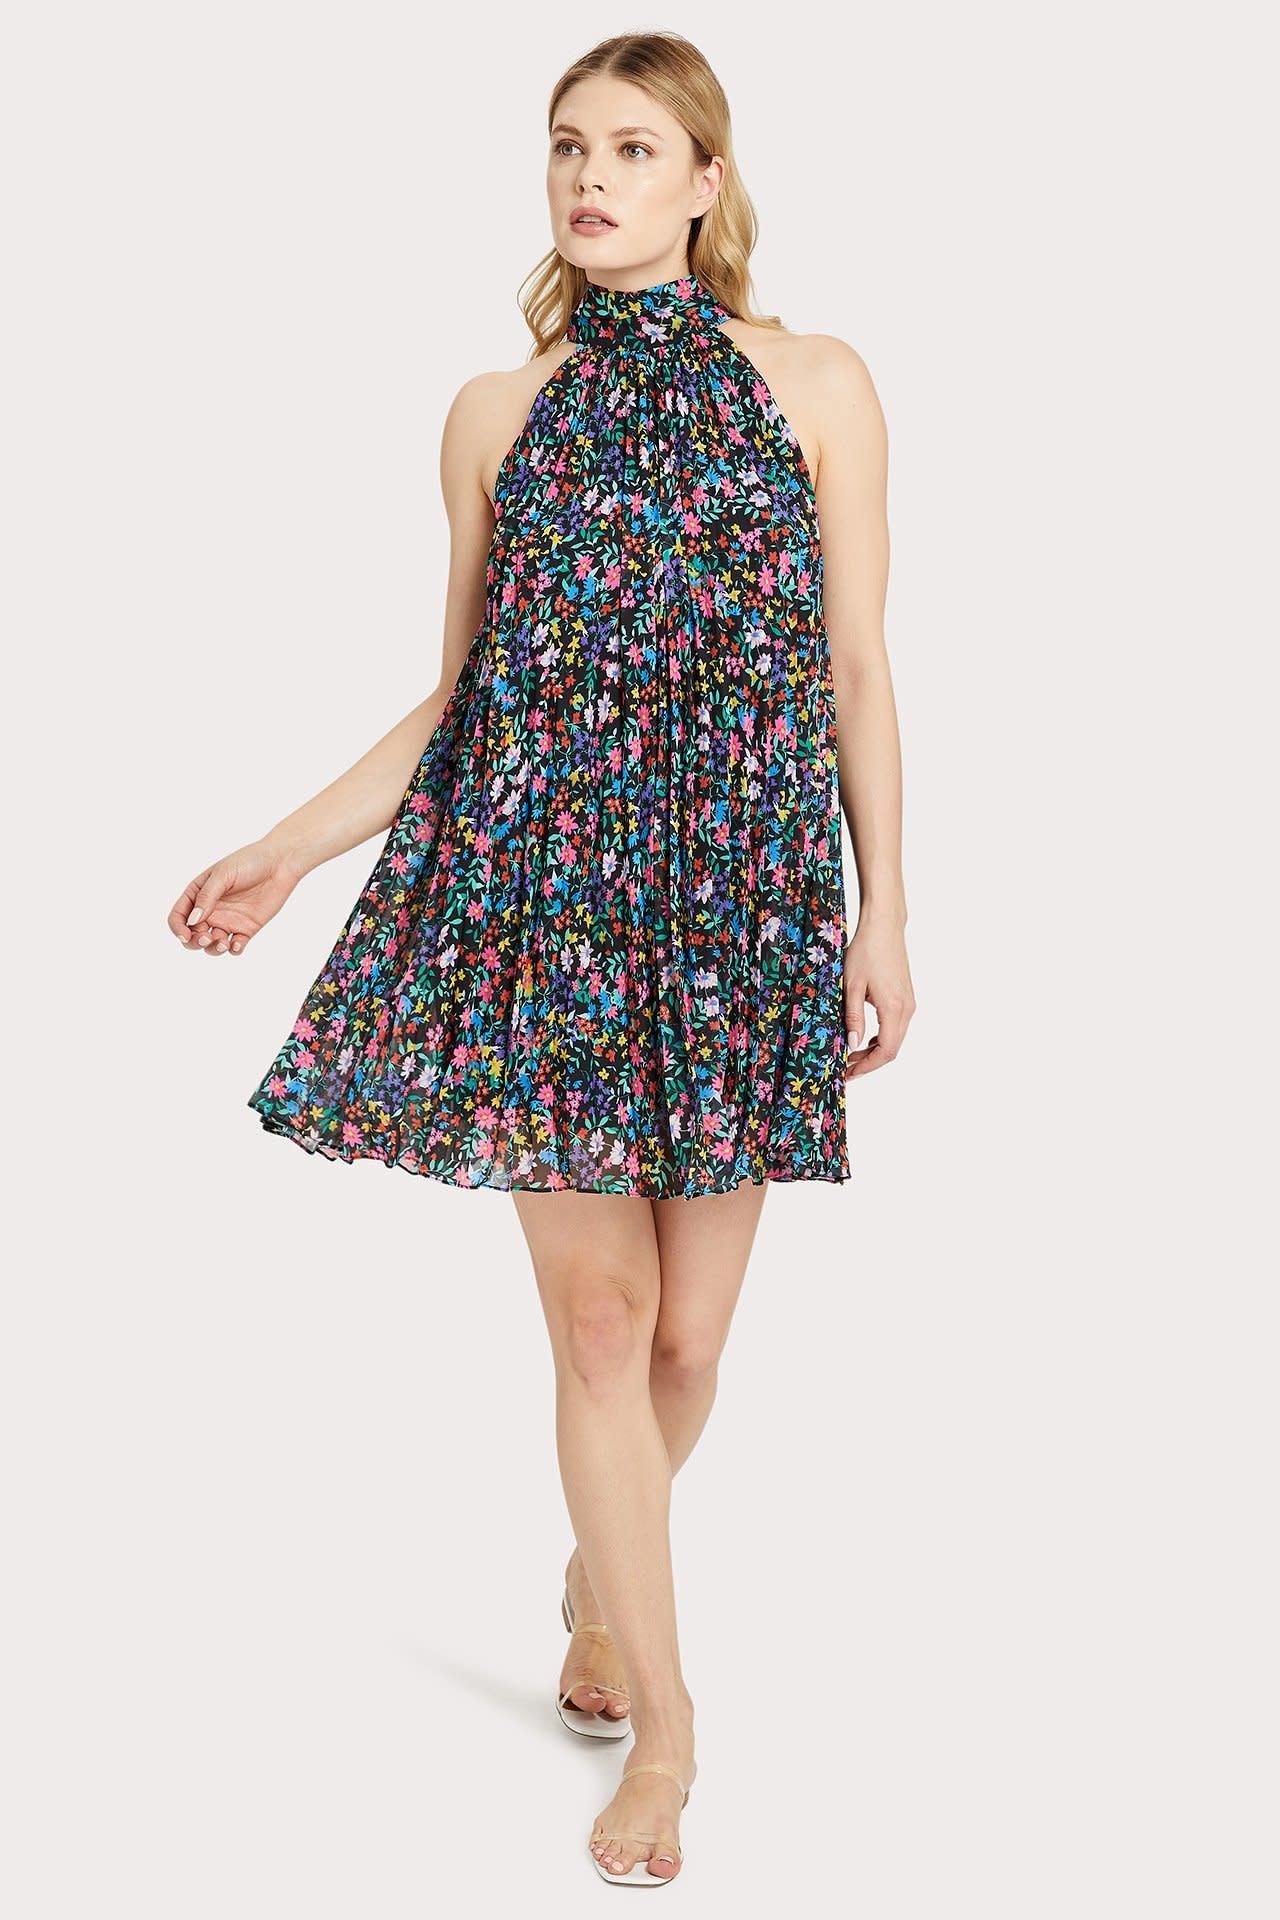 Milly Annika Dress